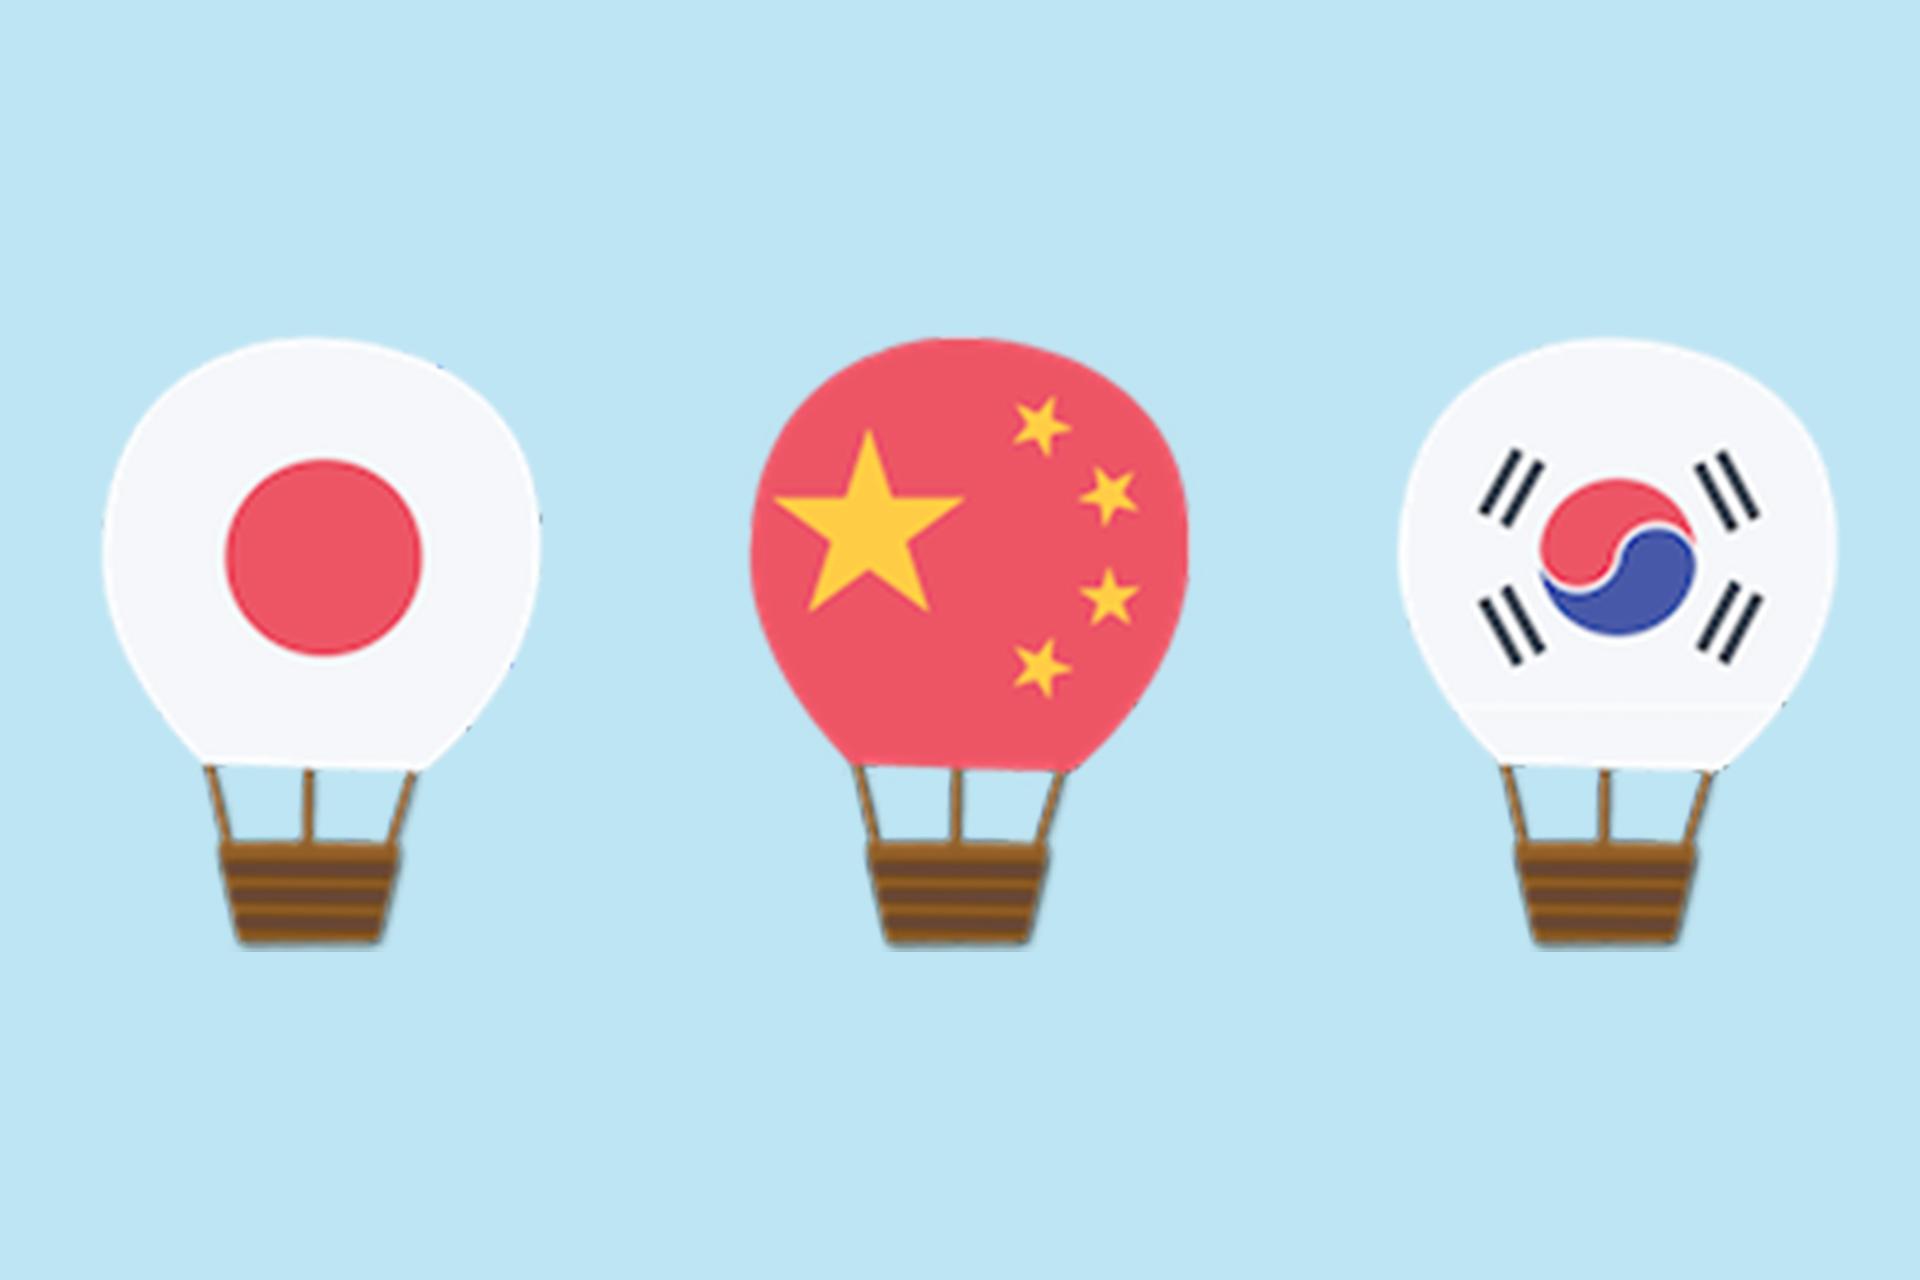 Similar Words Japanese Chinese Korean